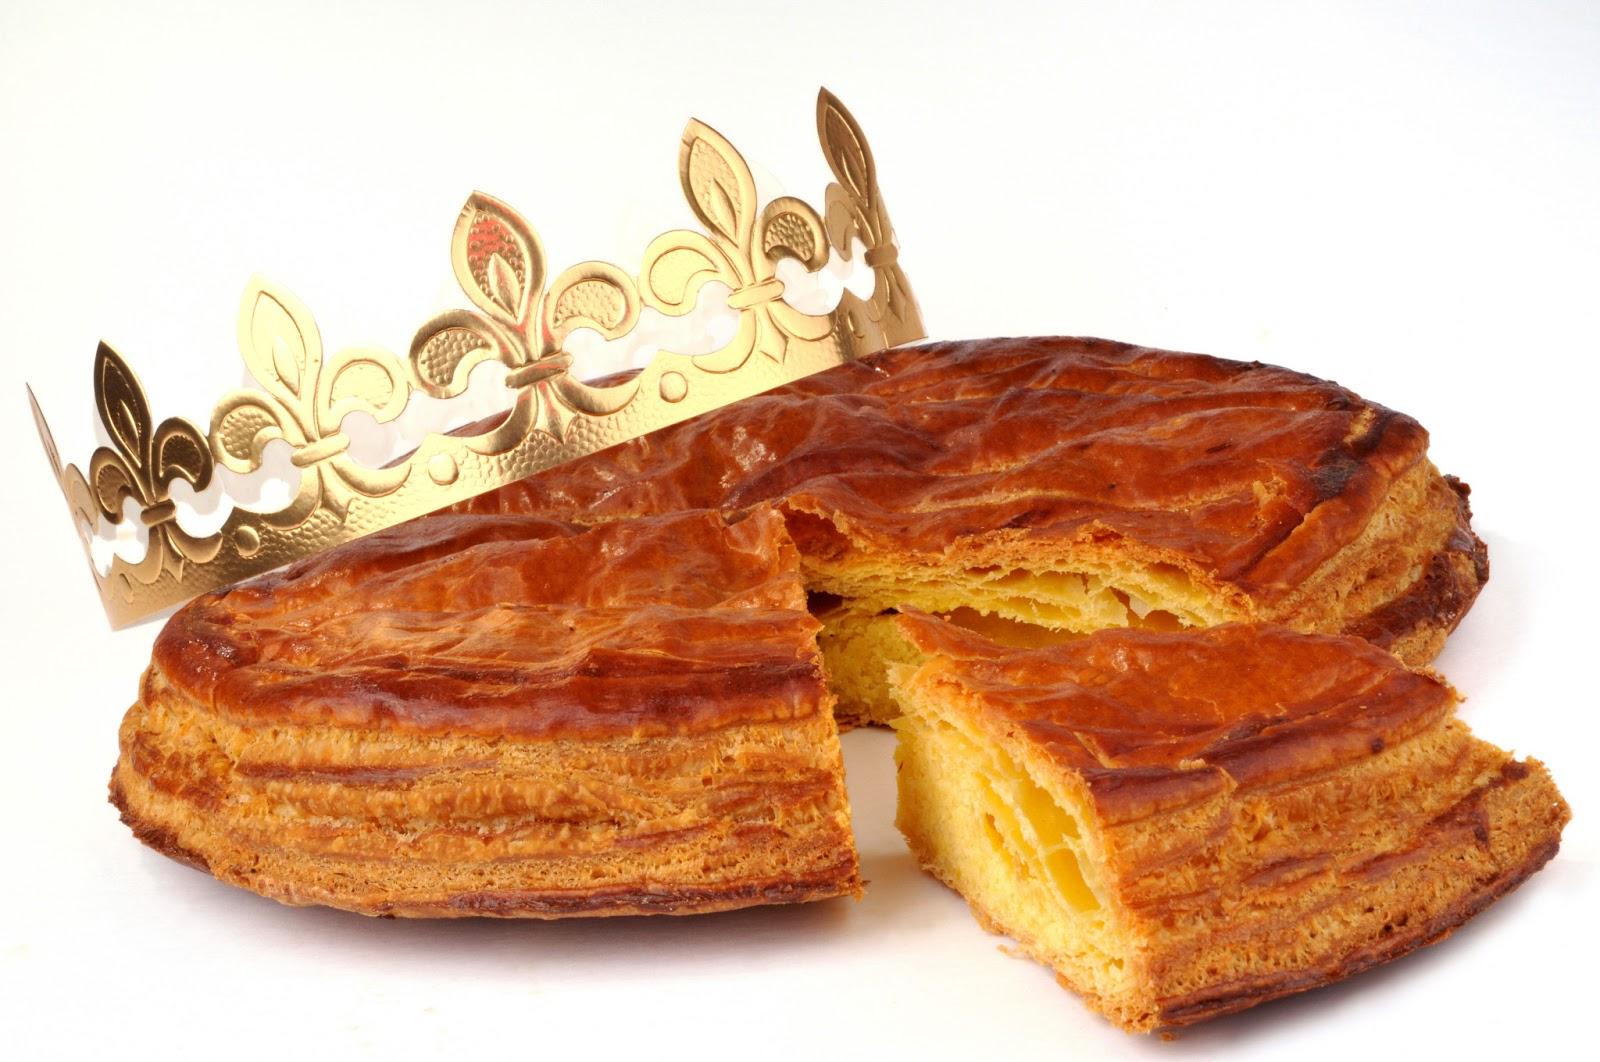 galette caphg